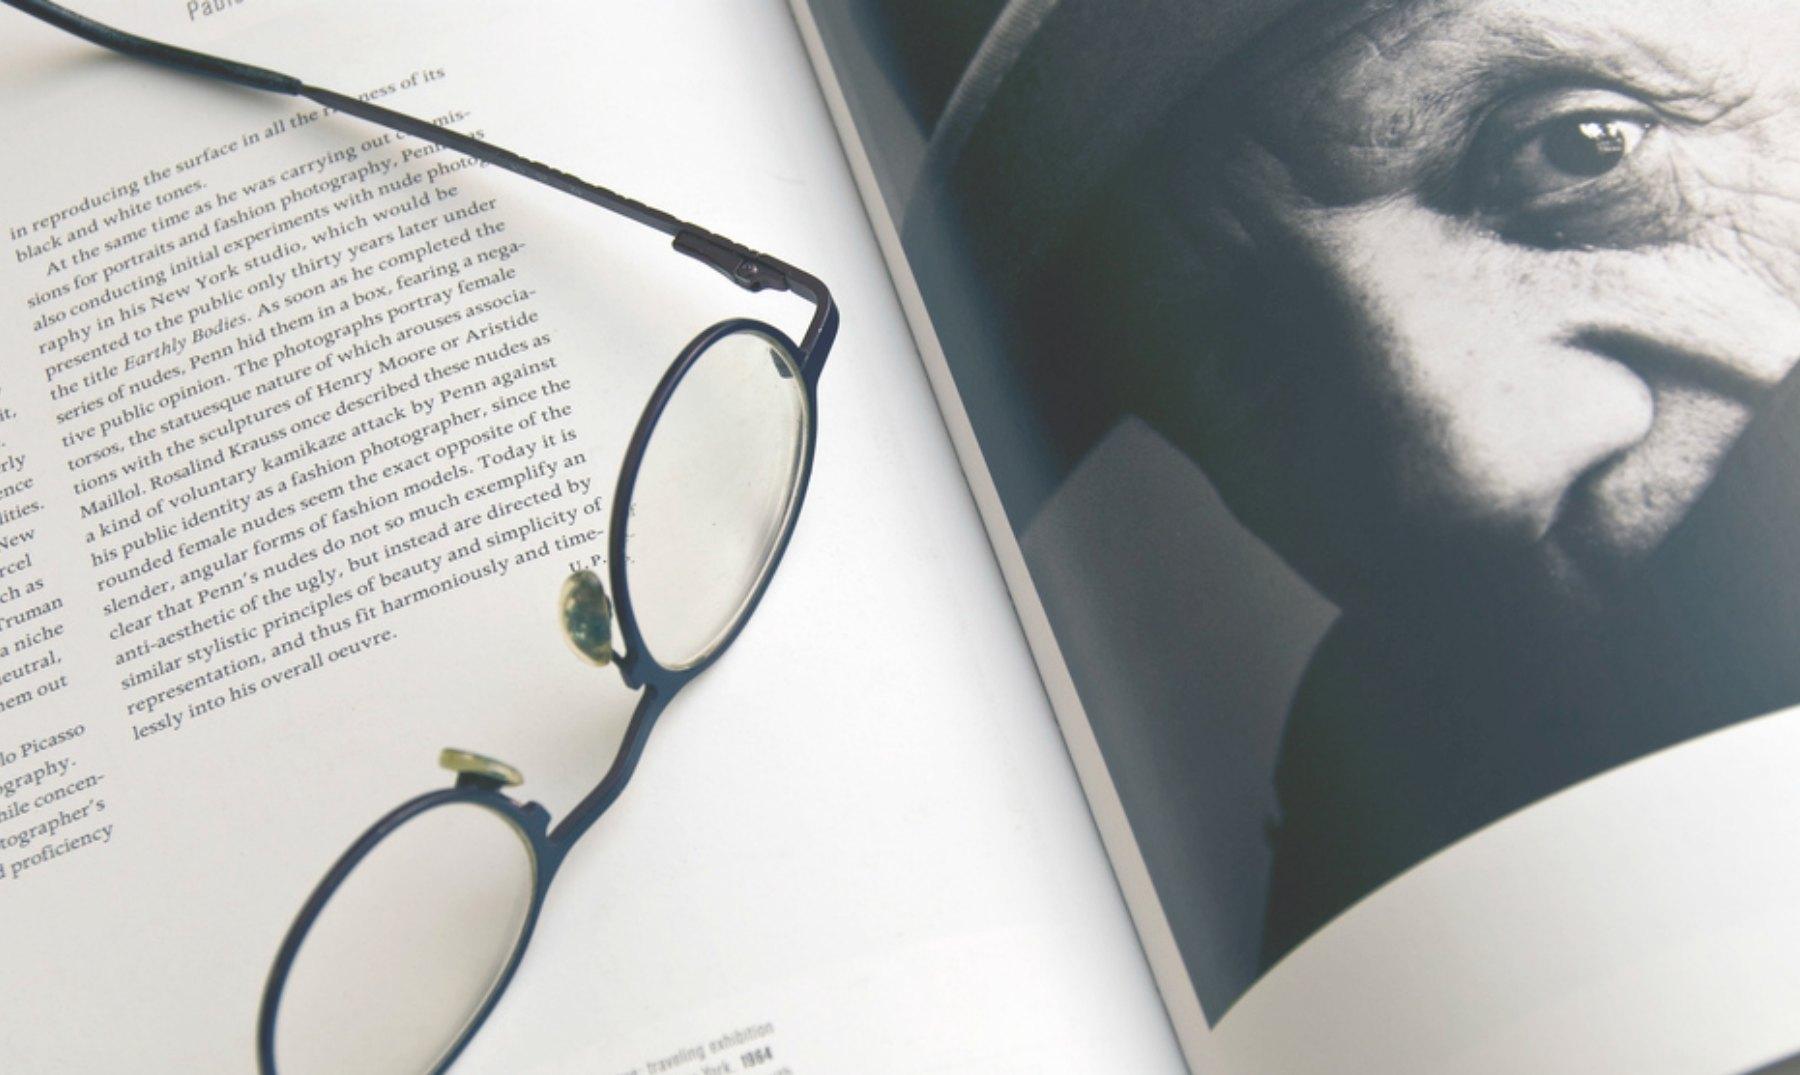 La relación de Picasso con los libros